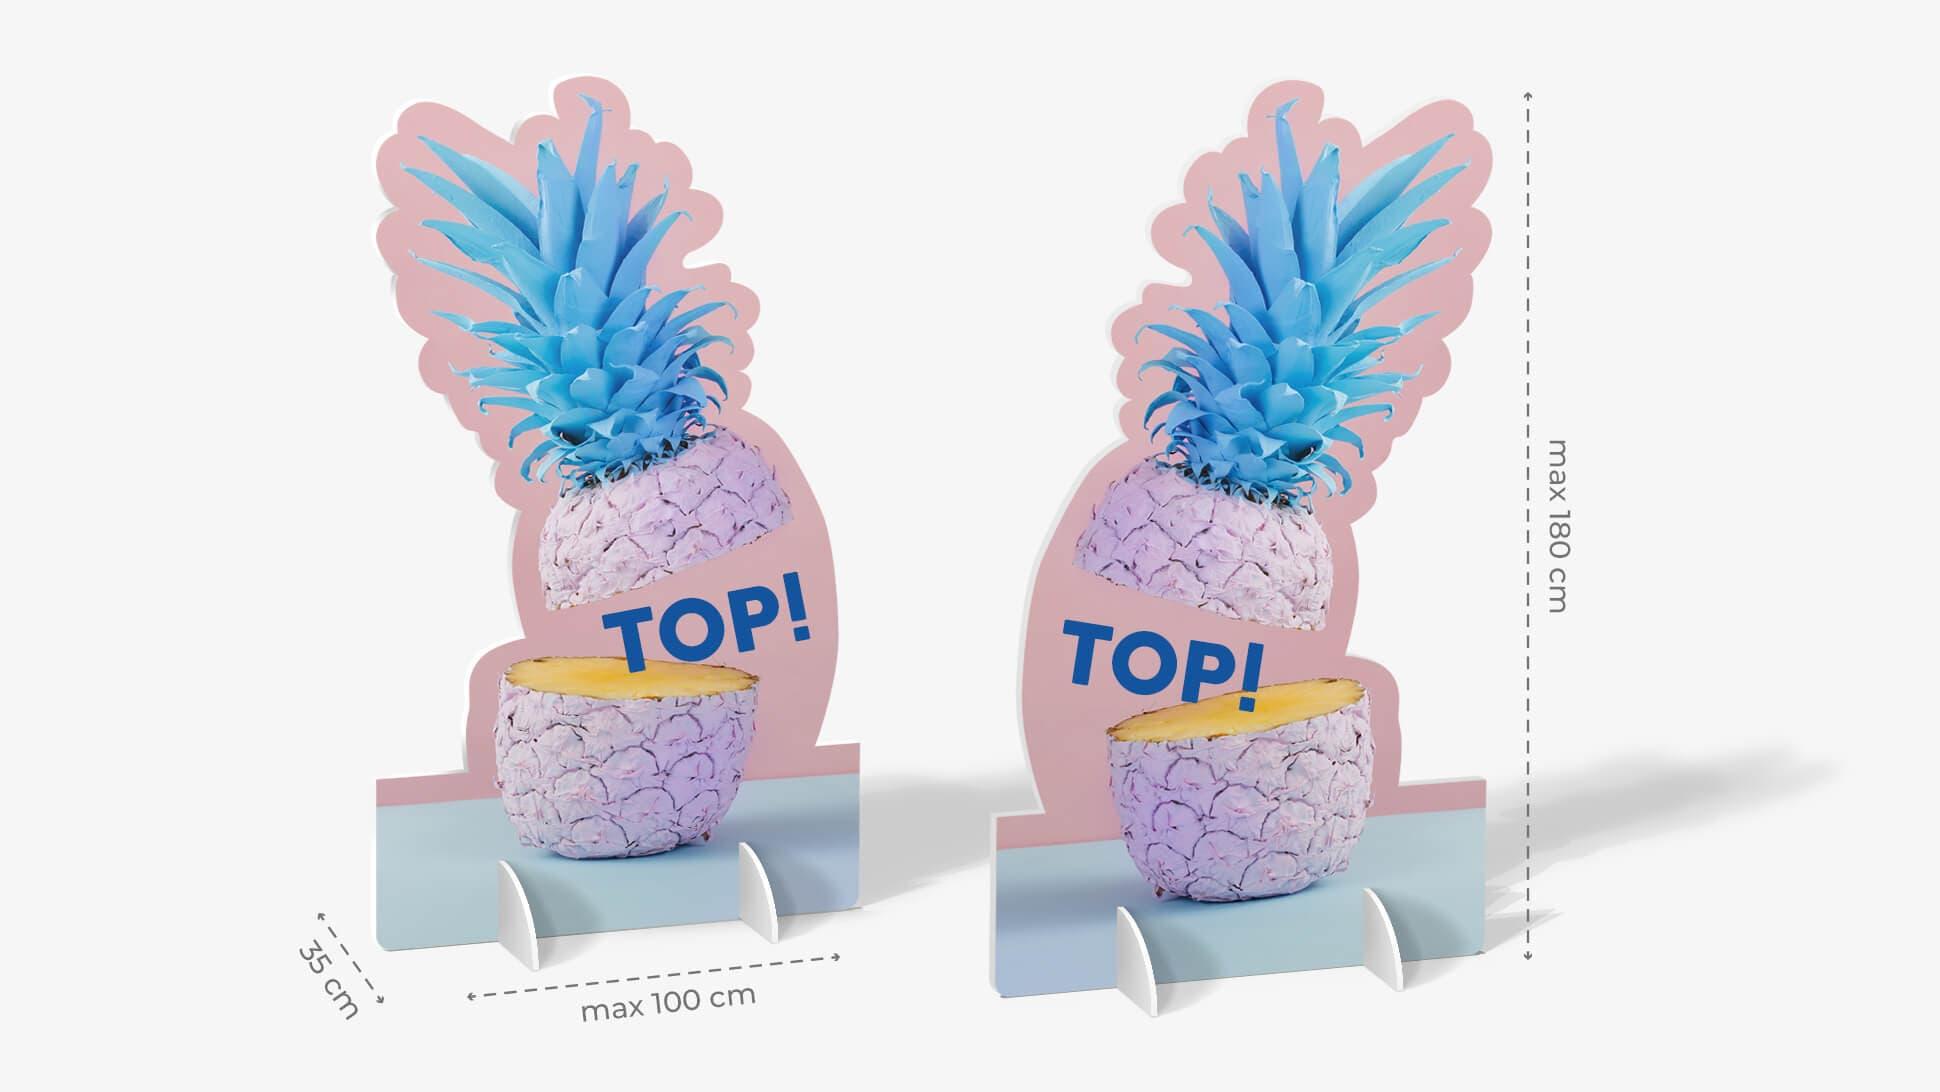 Sagomato bifacciale con frutta stampata | tictac.it